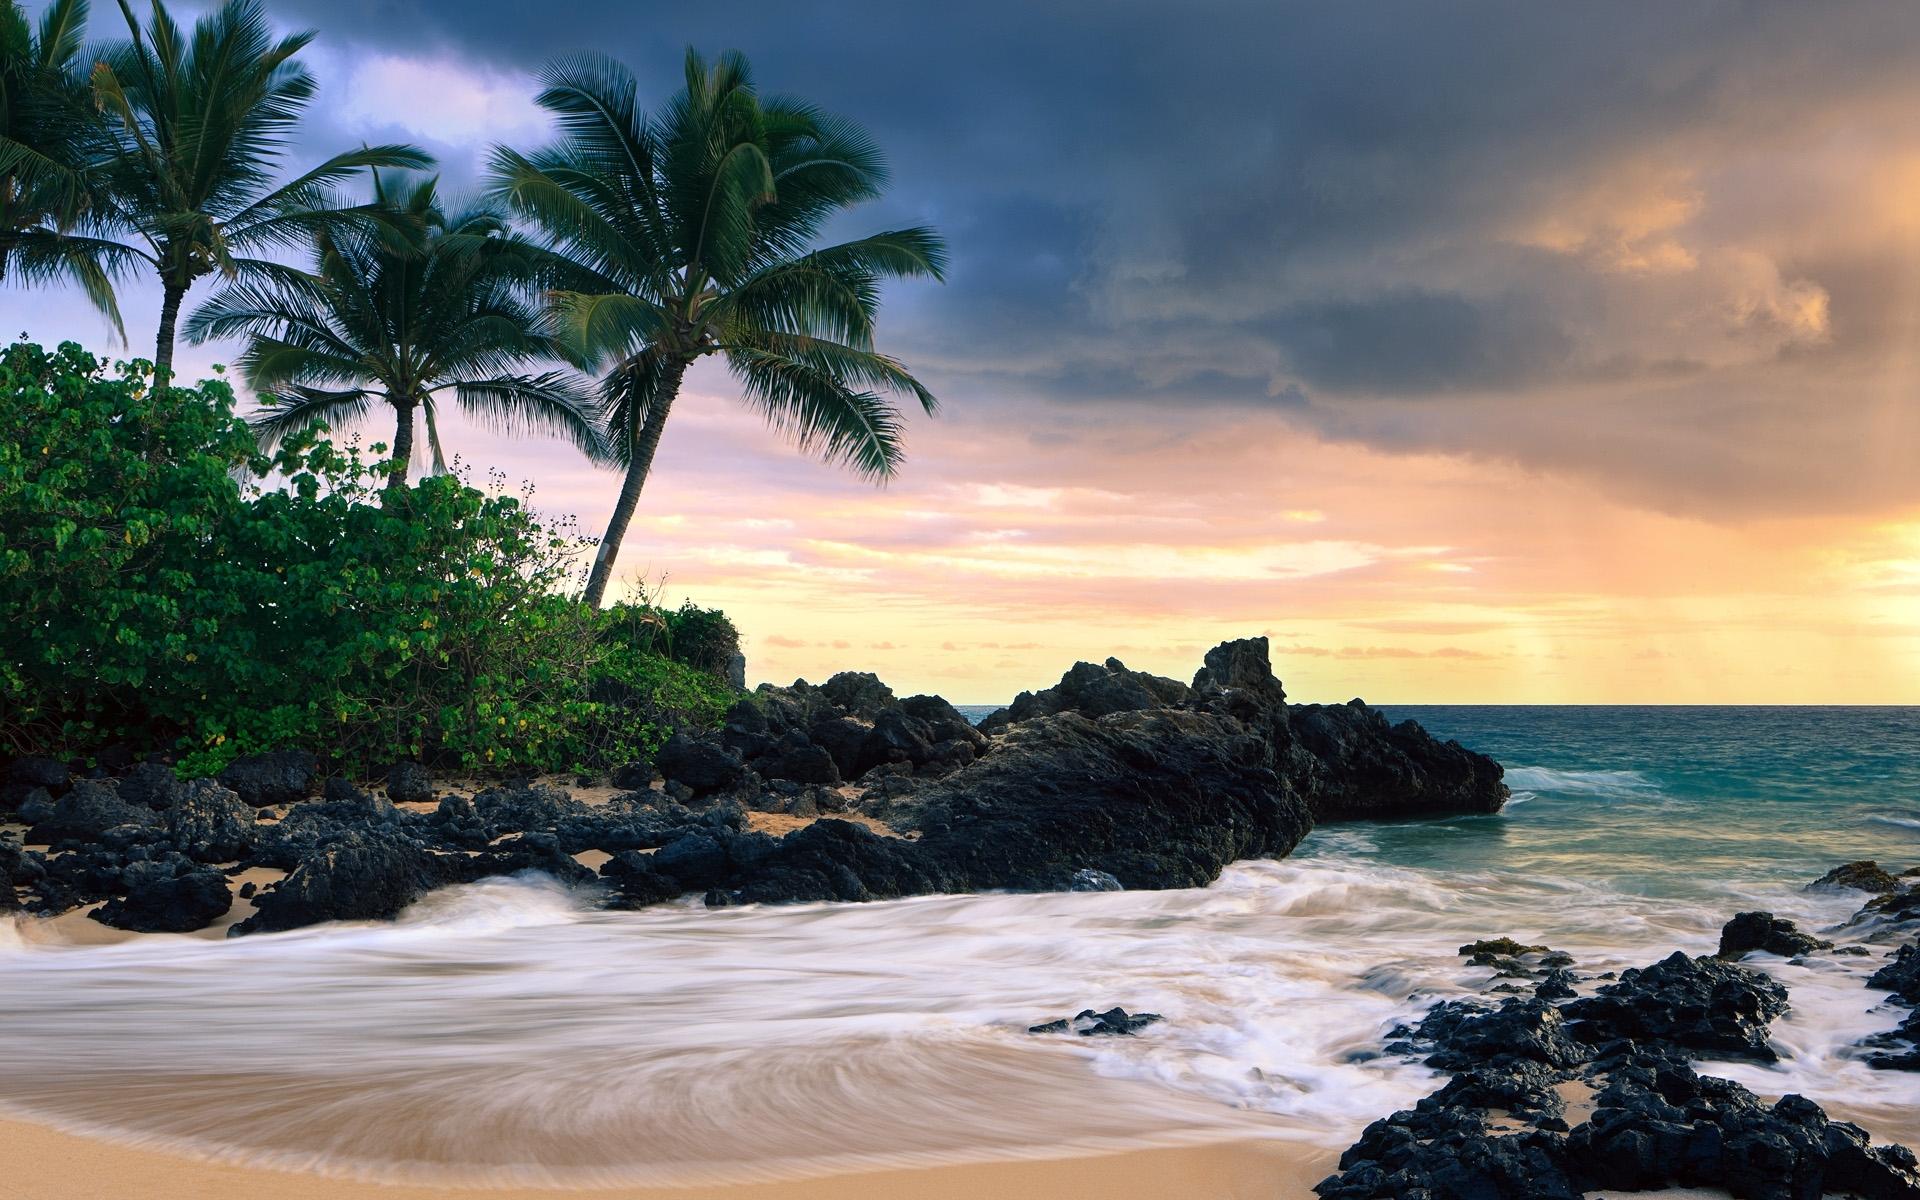 hawaii beach wallpaper hd | hd desktop background